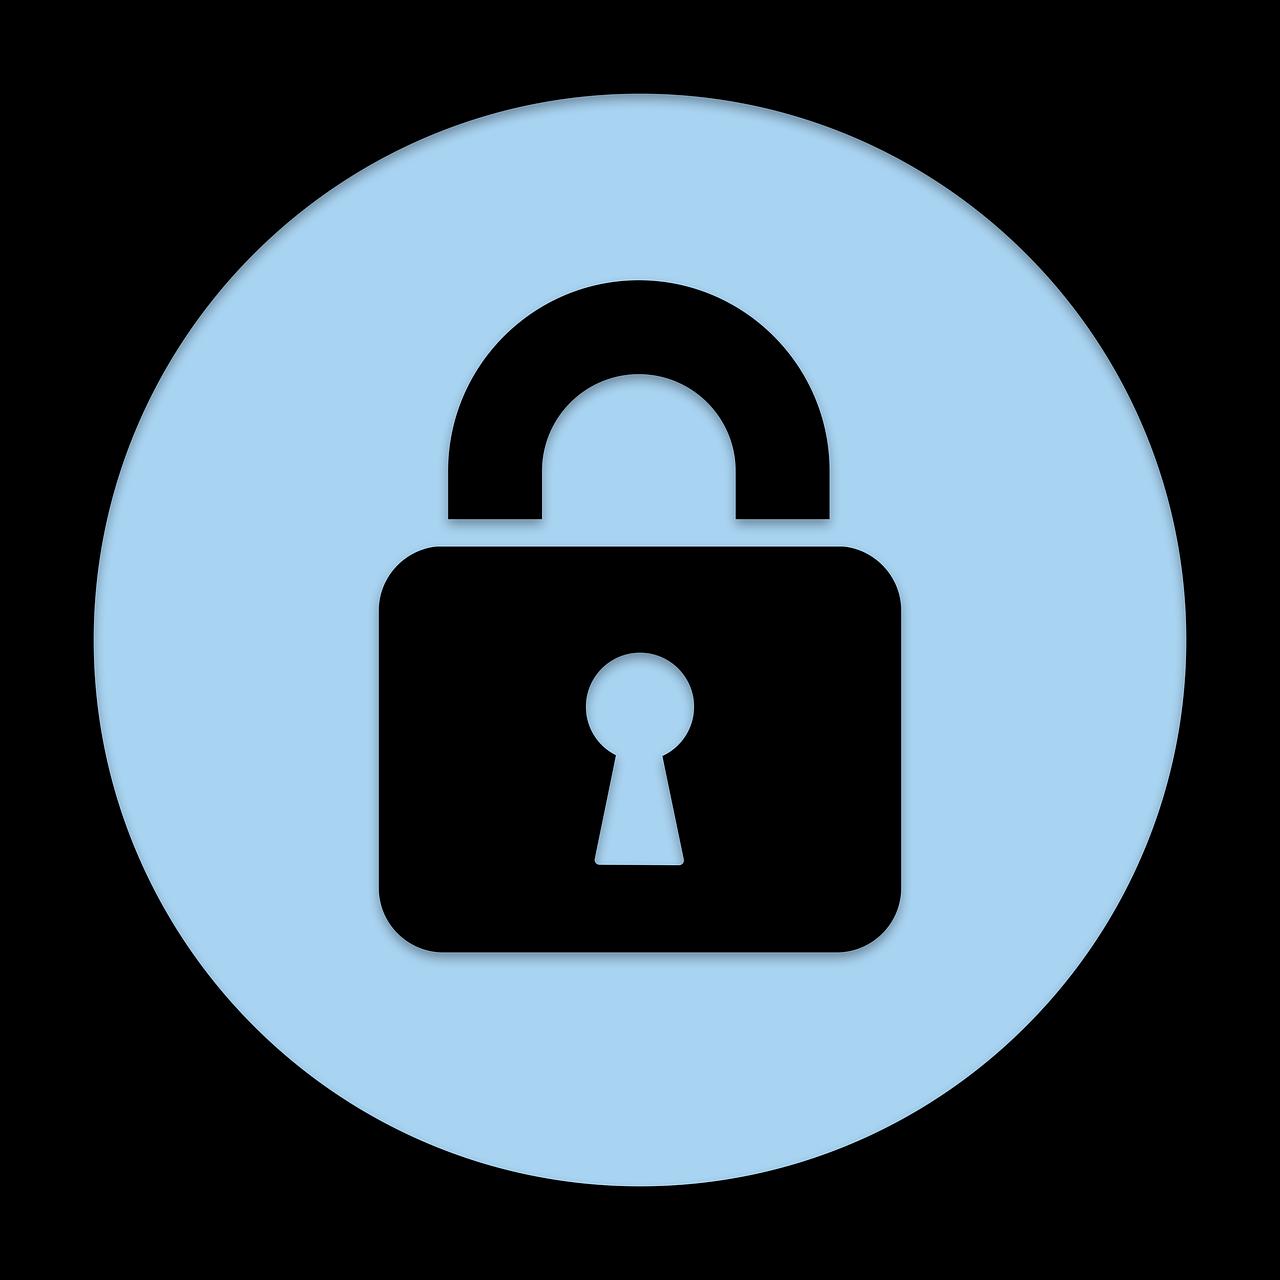 Icon Security Lock - Free image on Pixabay